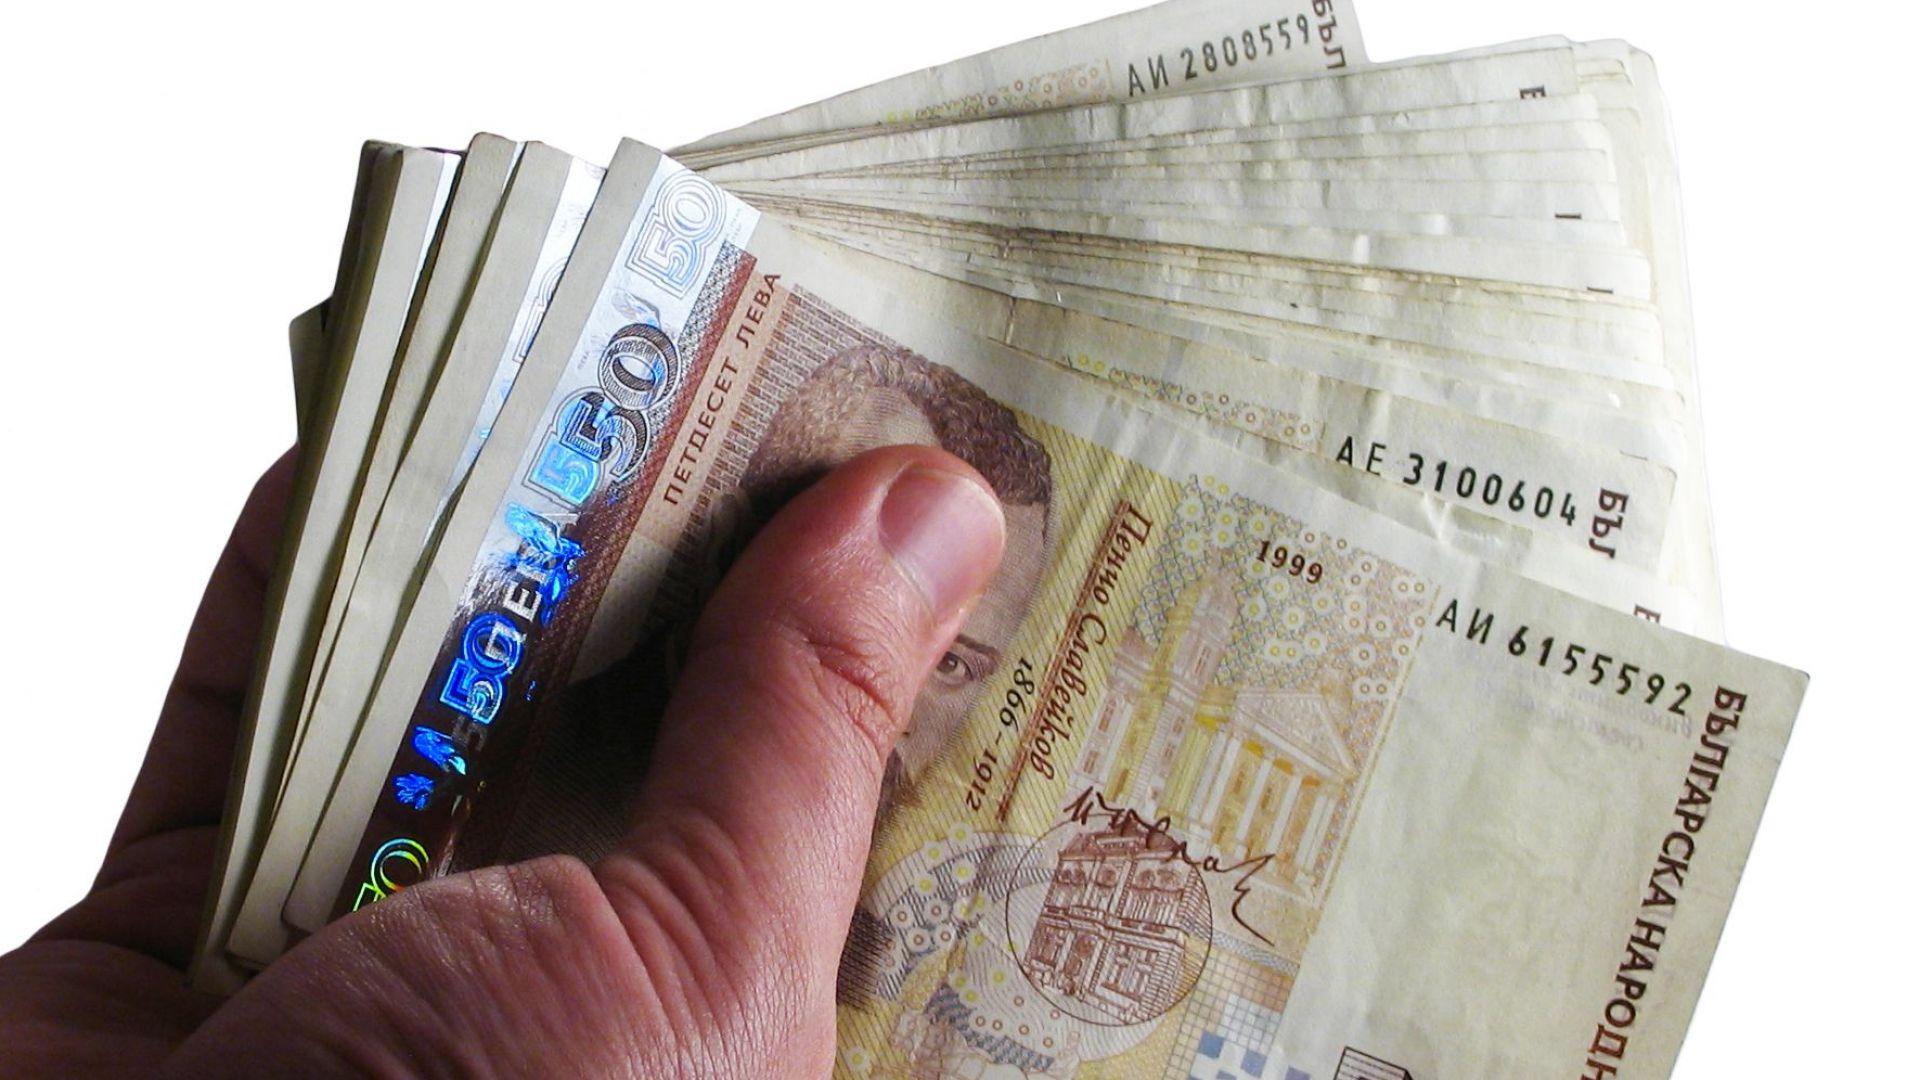 Кънчо Стойчев: 120 млн. лв. са хвърлени за купуване на гласове само на тези избори